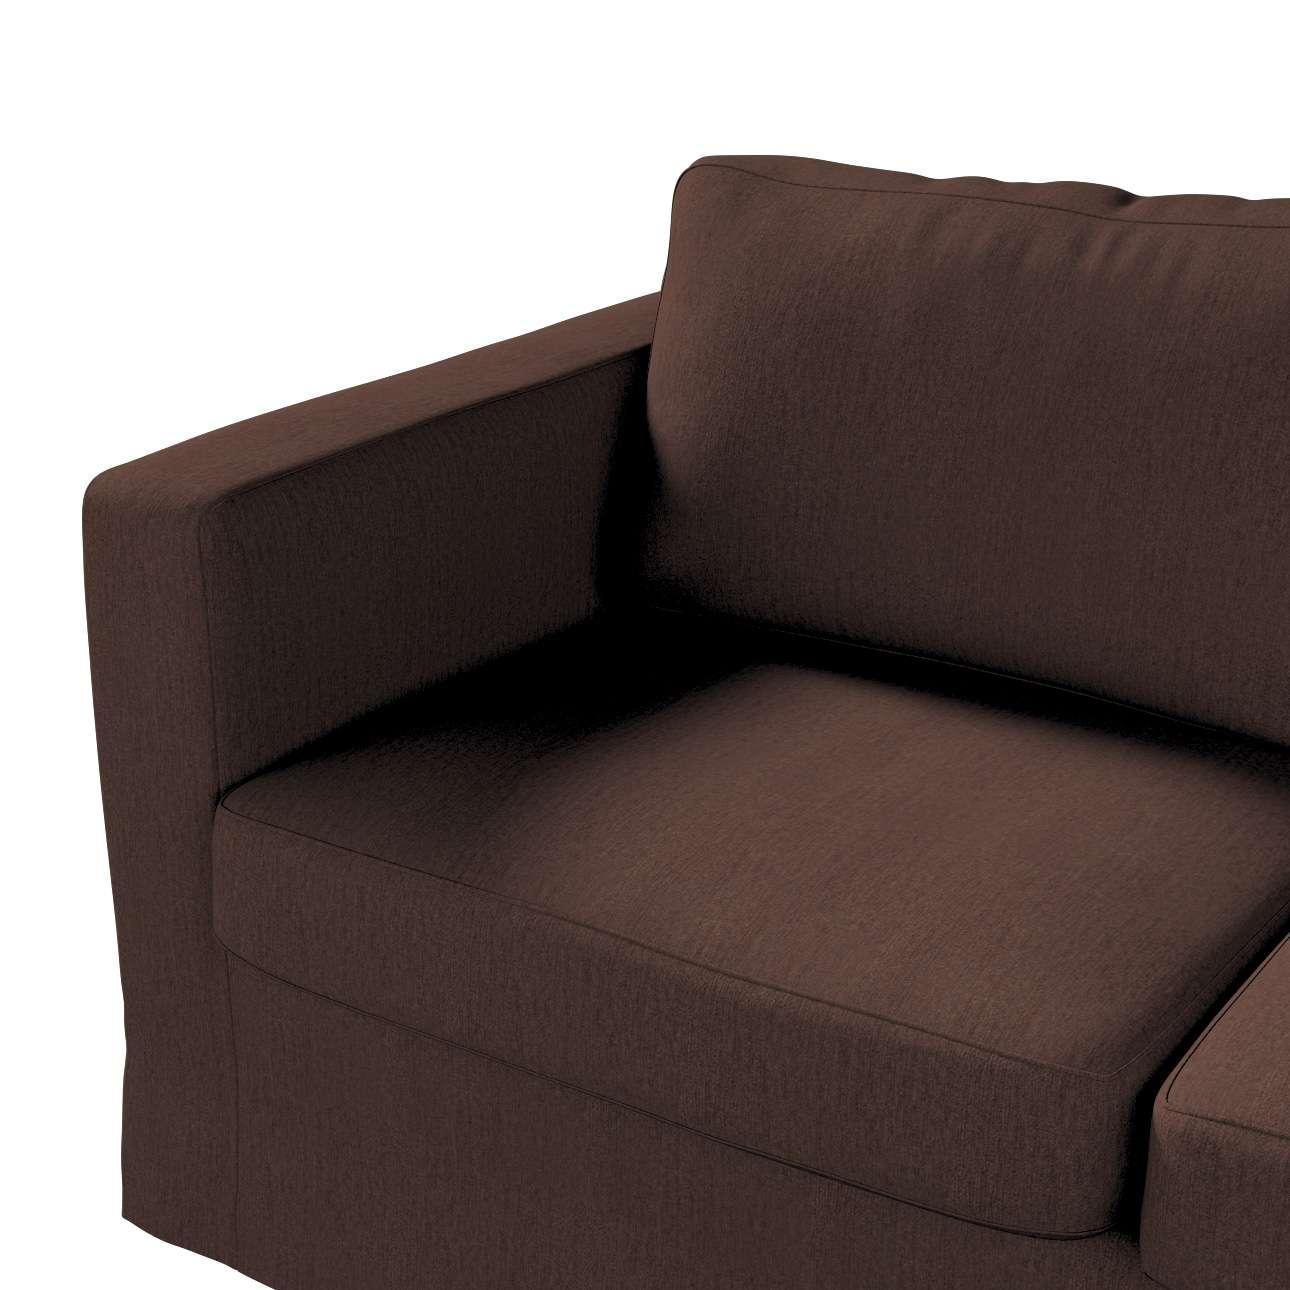 Pokrowiec na sofę Karlstad 2-osobową nierozkładaną długi w kolekcji Chenille, tkanina: 702-18